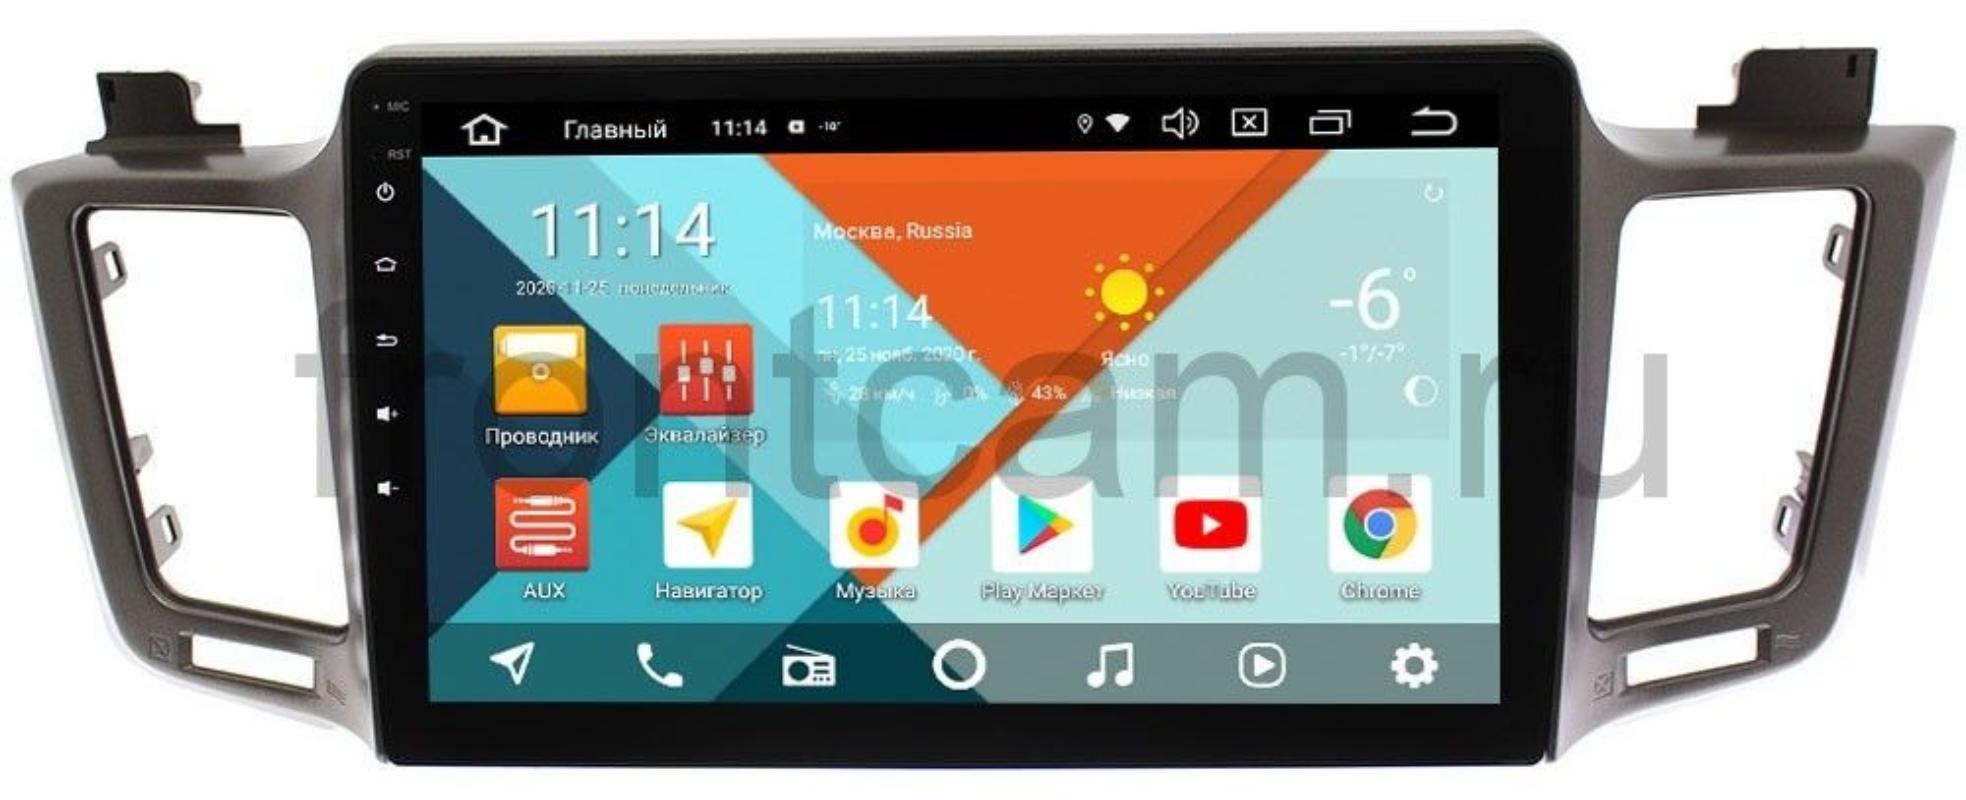 Штатная магнитола Toyota RAV4 (CA40) 2013-2019 Wide Media KS1060QR-3/32 DSP CarPlay 4G-SIM (для авто без камеры) на Android 10 (+ Камера заднего вида в подарок!)